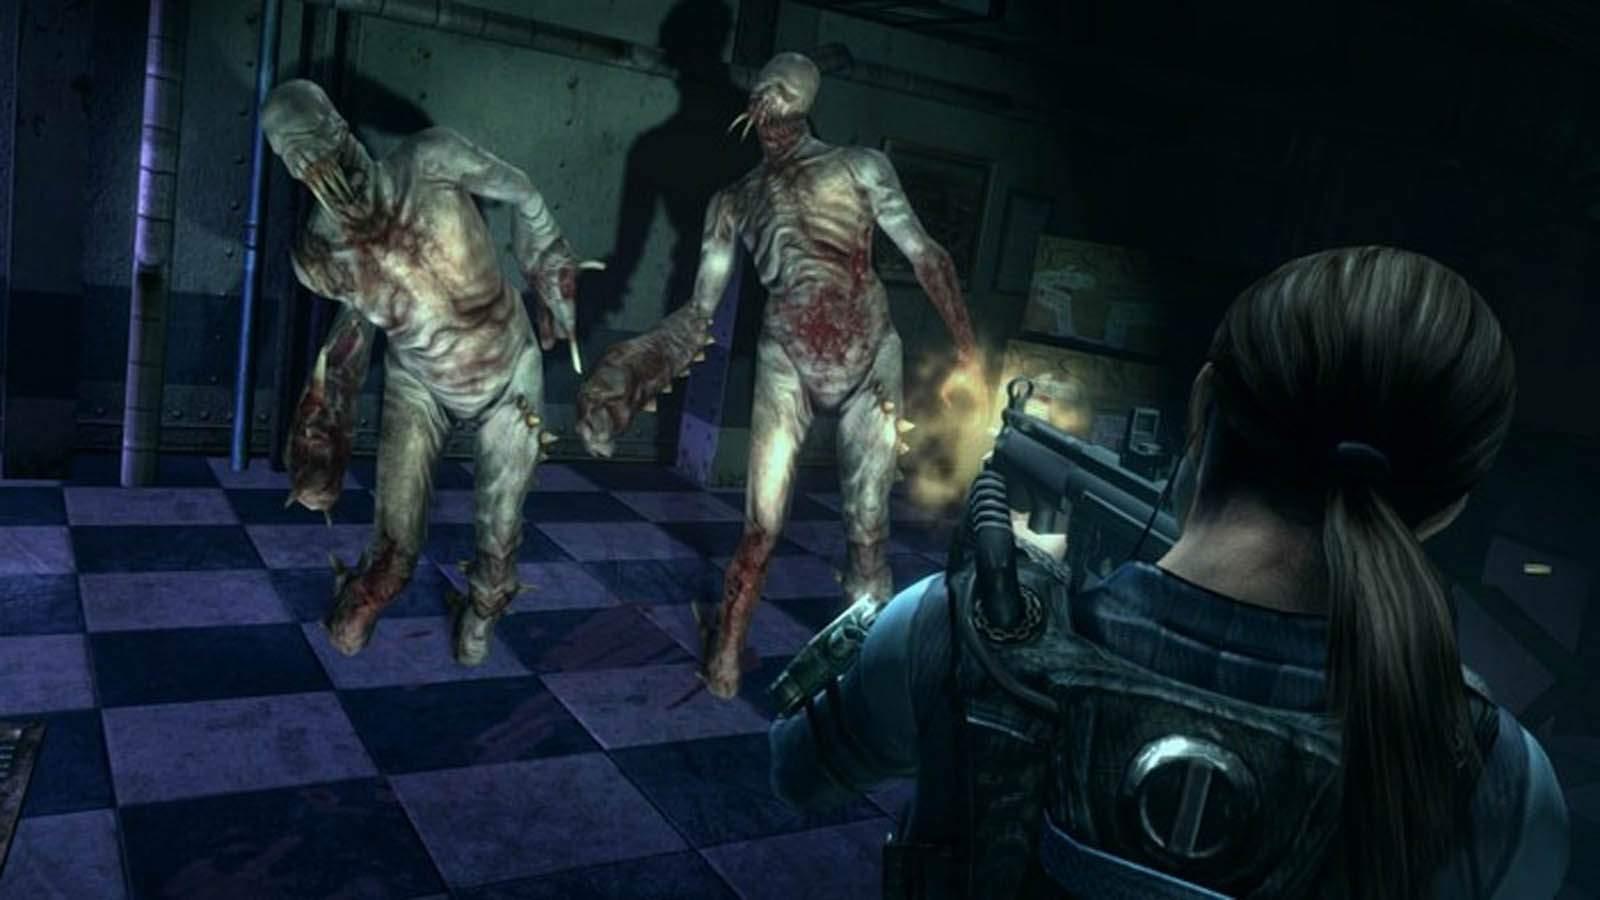 تحميل لعبة Resident Evil Revelations مضغوطة برابط واحد مباشر كاملة مجانا